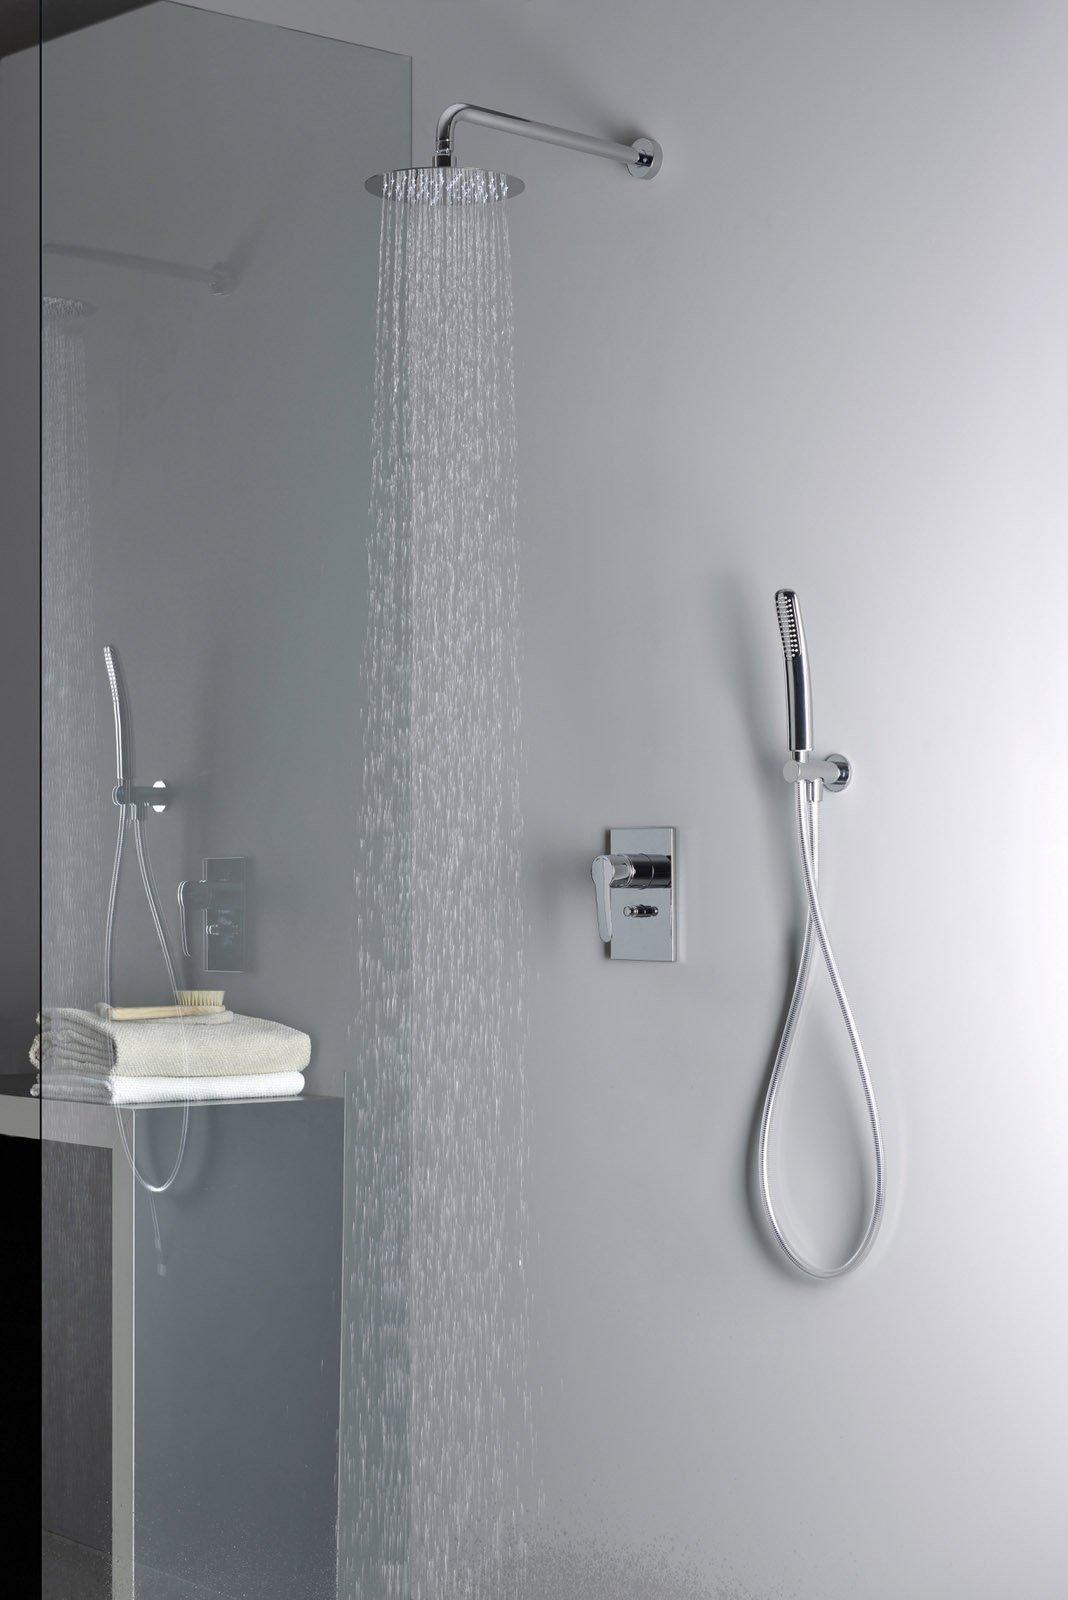 Risparmiare acqua ecco i rubinetti giusti cose di casa - Doccia con tubi esterni ...